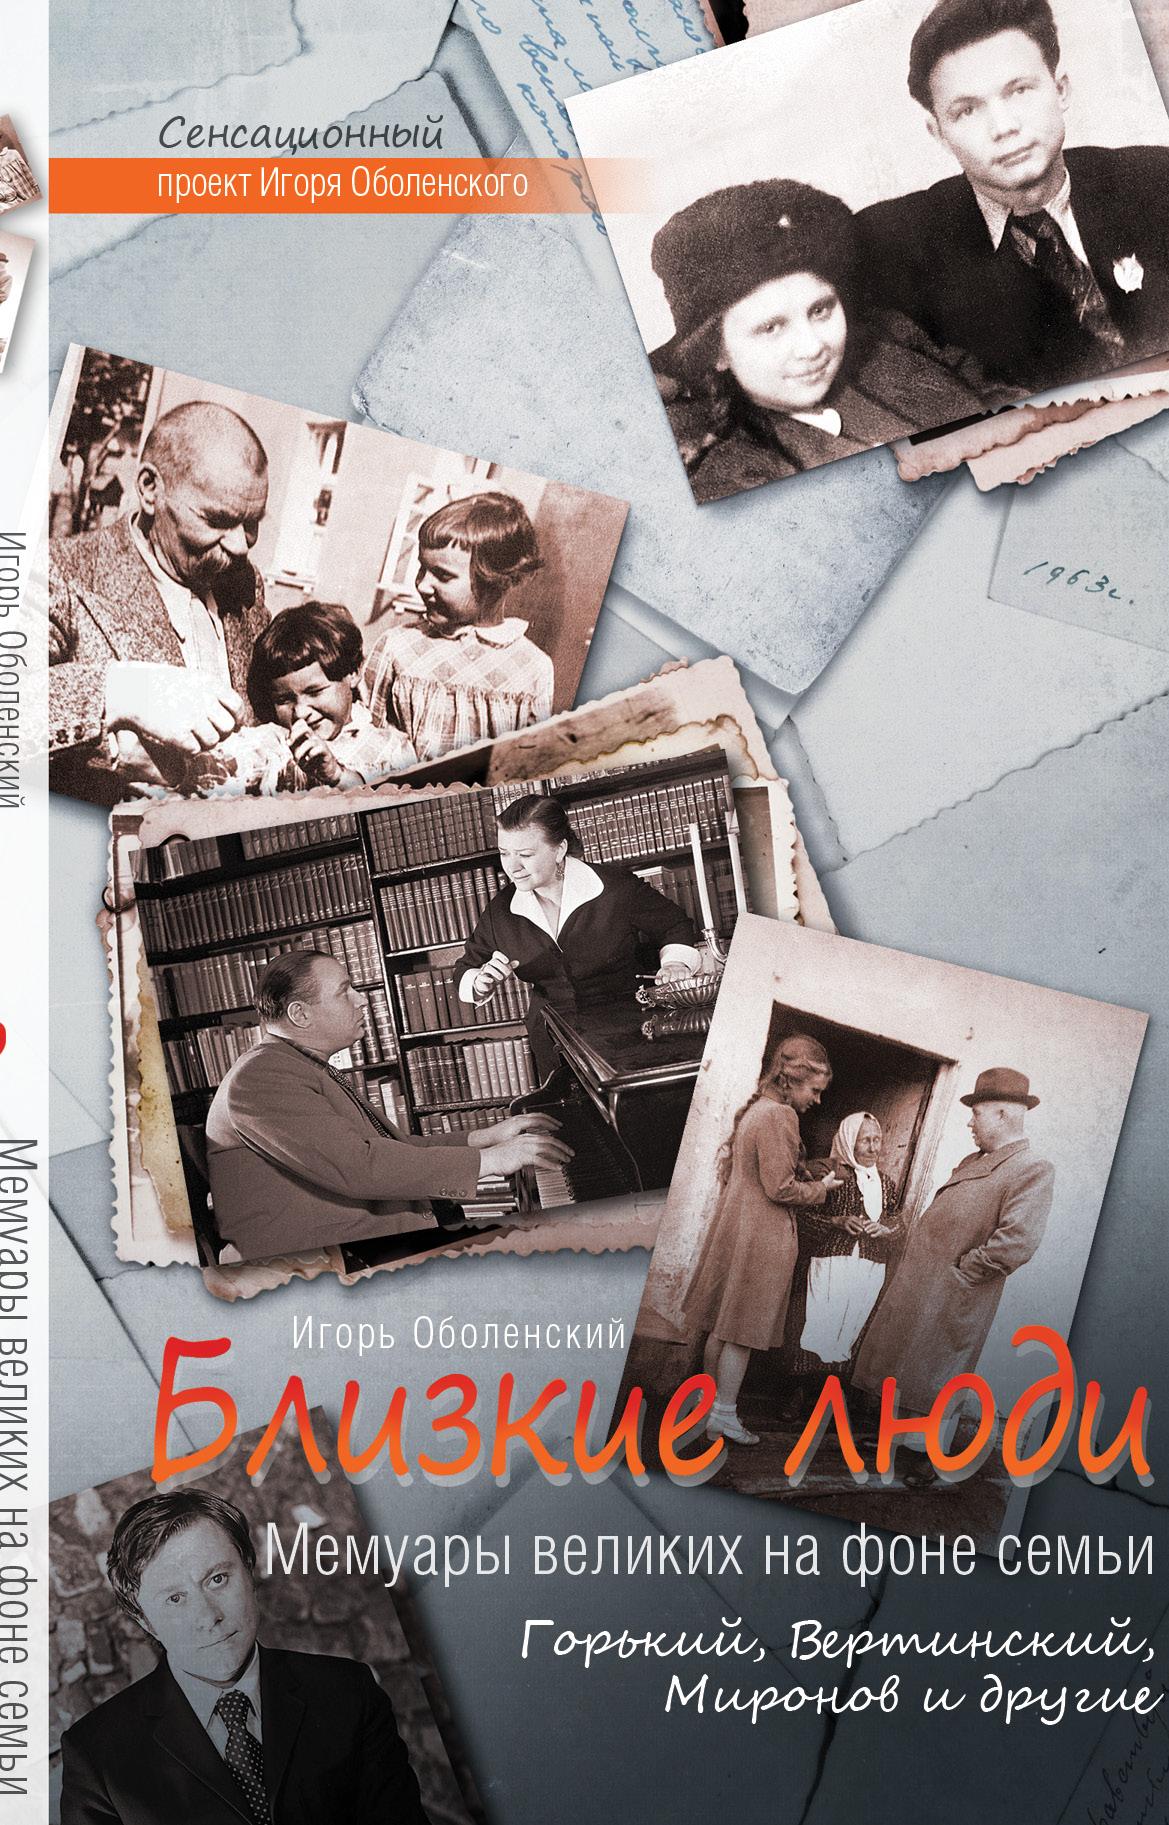 Близкие люди. Мемуары великих на фоне семьи